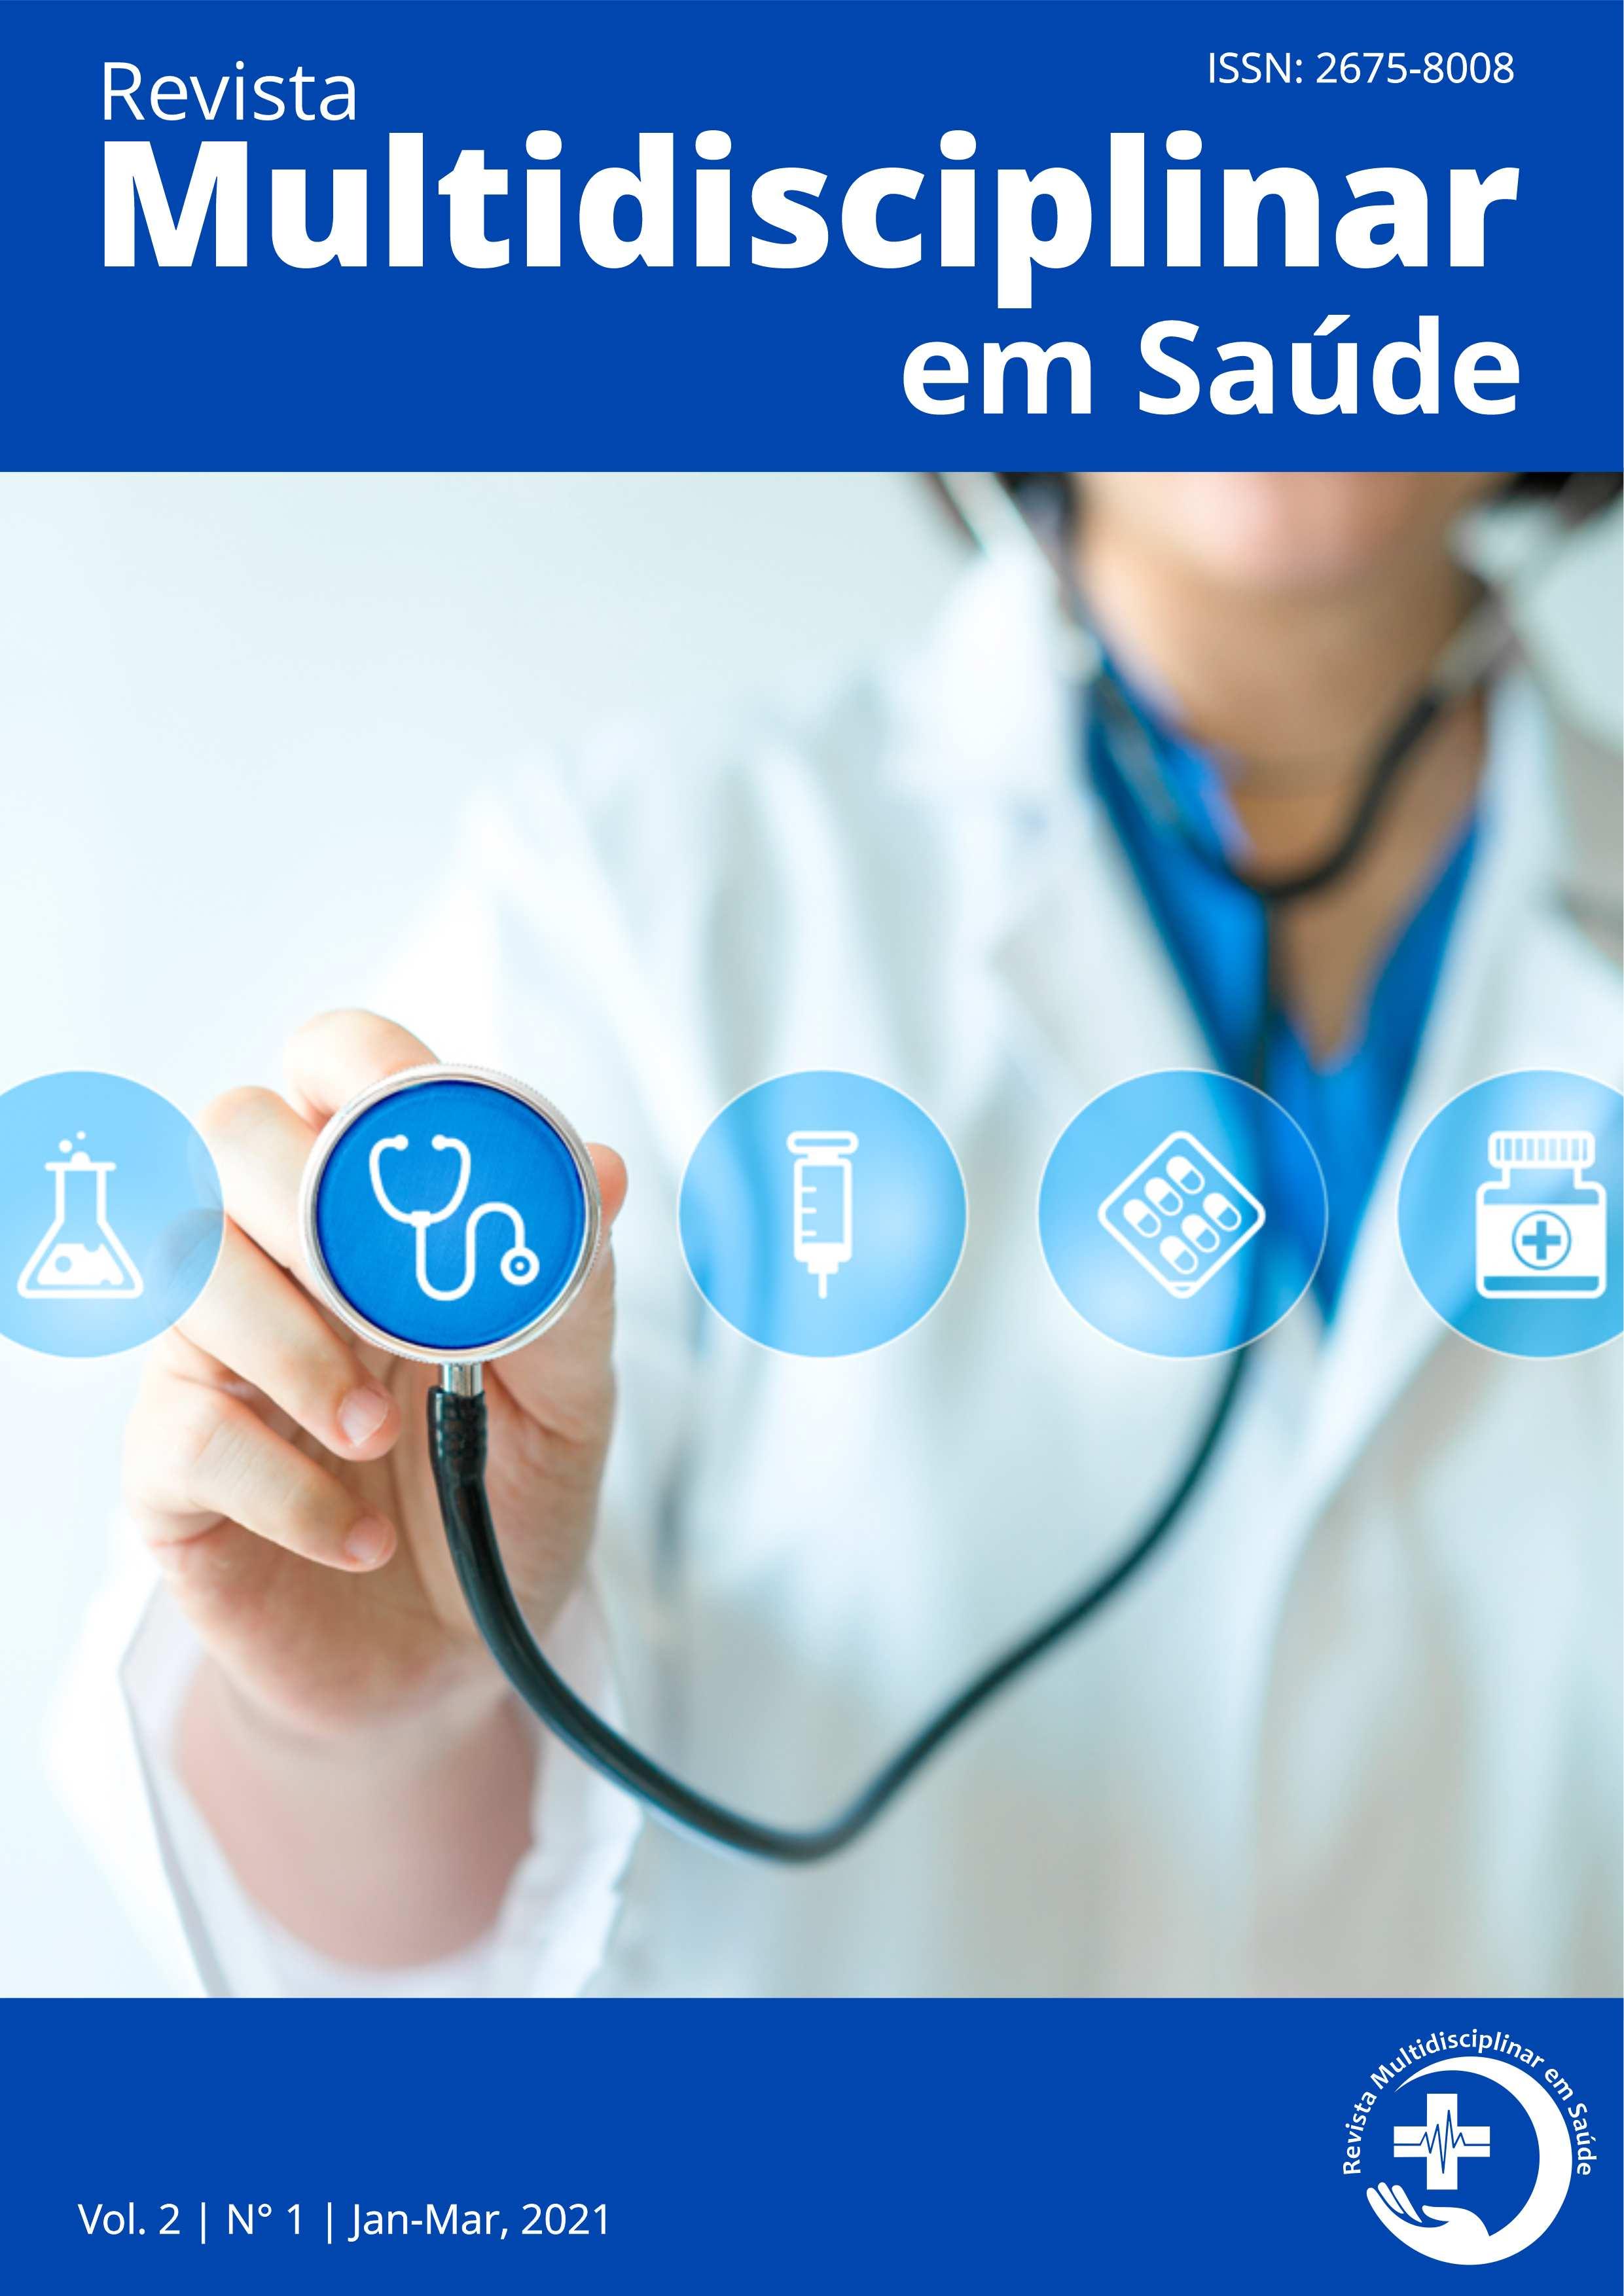 Revista Multidisciplinar em Saúde - V. 2, N. 1, 2021